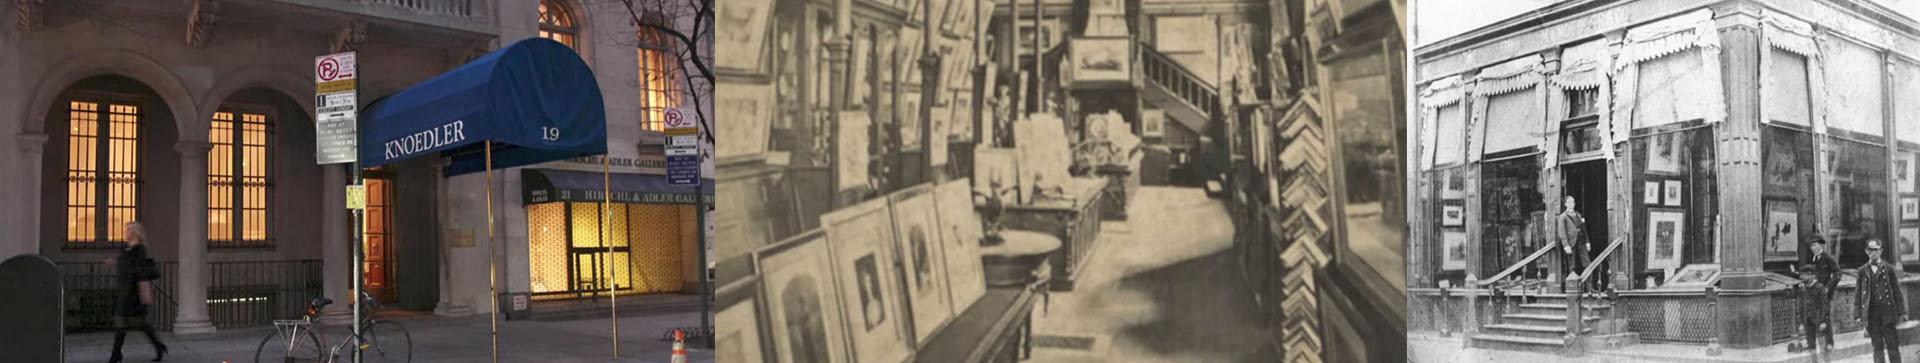 La Galeria Knoedler de Nueva York sobrevivió a grandes crisis económicas, pero no al escándalo de la estafa